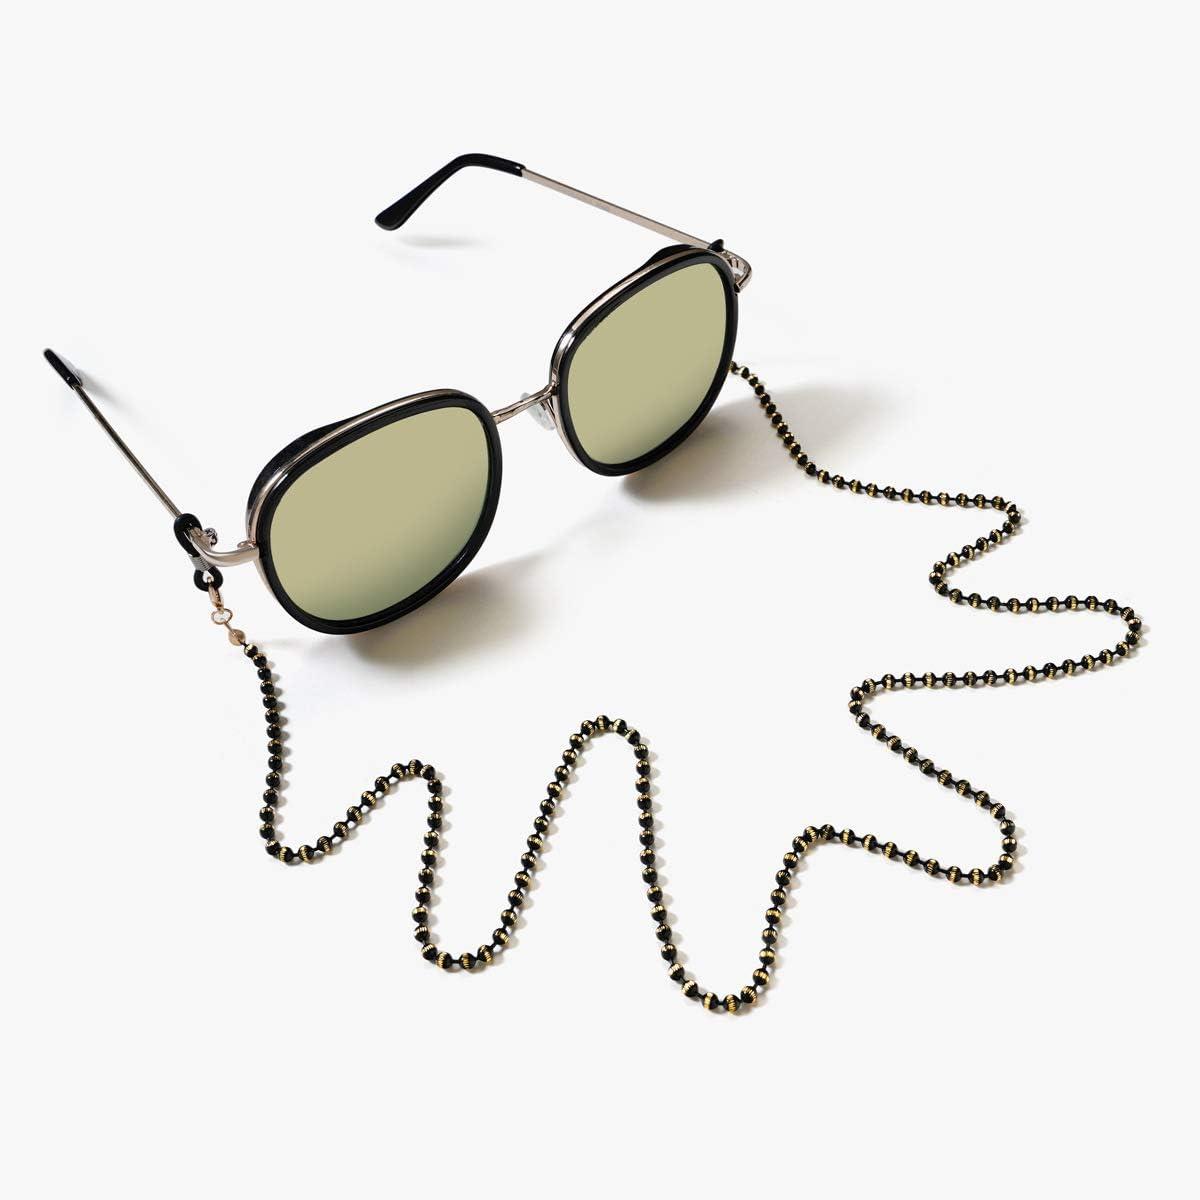 Verde Cuentas Vintage Cadena de Gafas de Sol Gafas Gafas de Sol Correa de Lectura Gafas Cadena para Mujeres